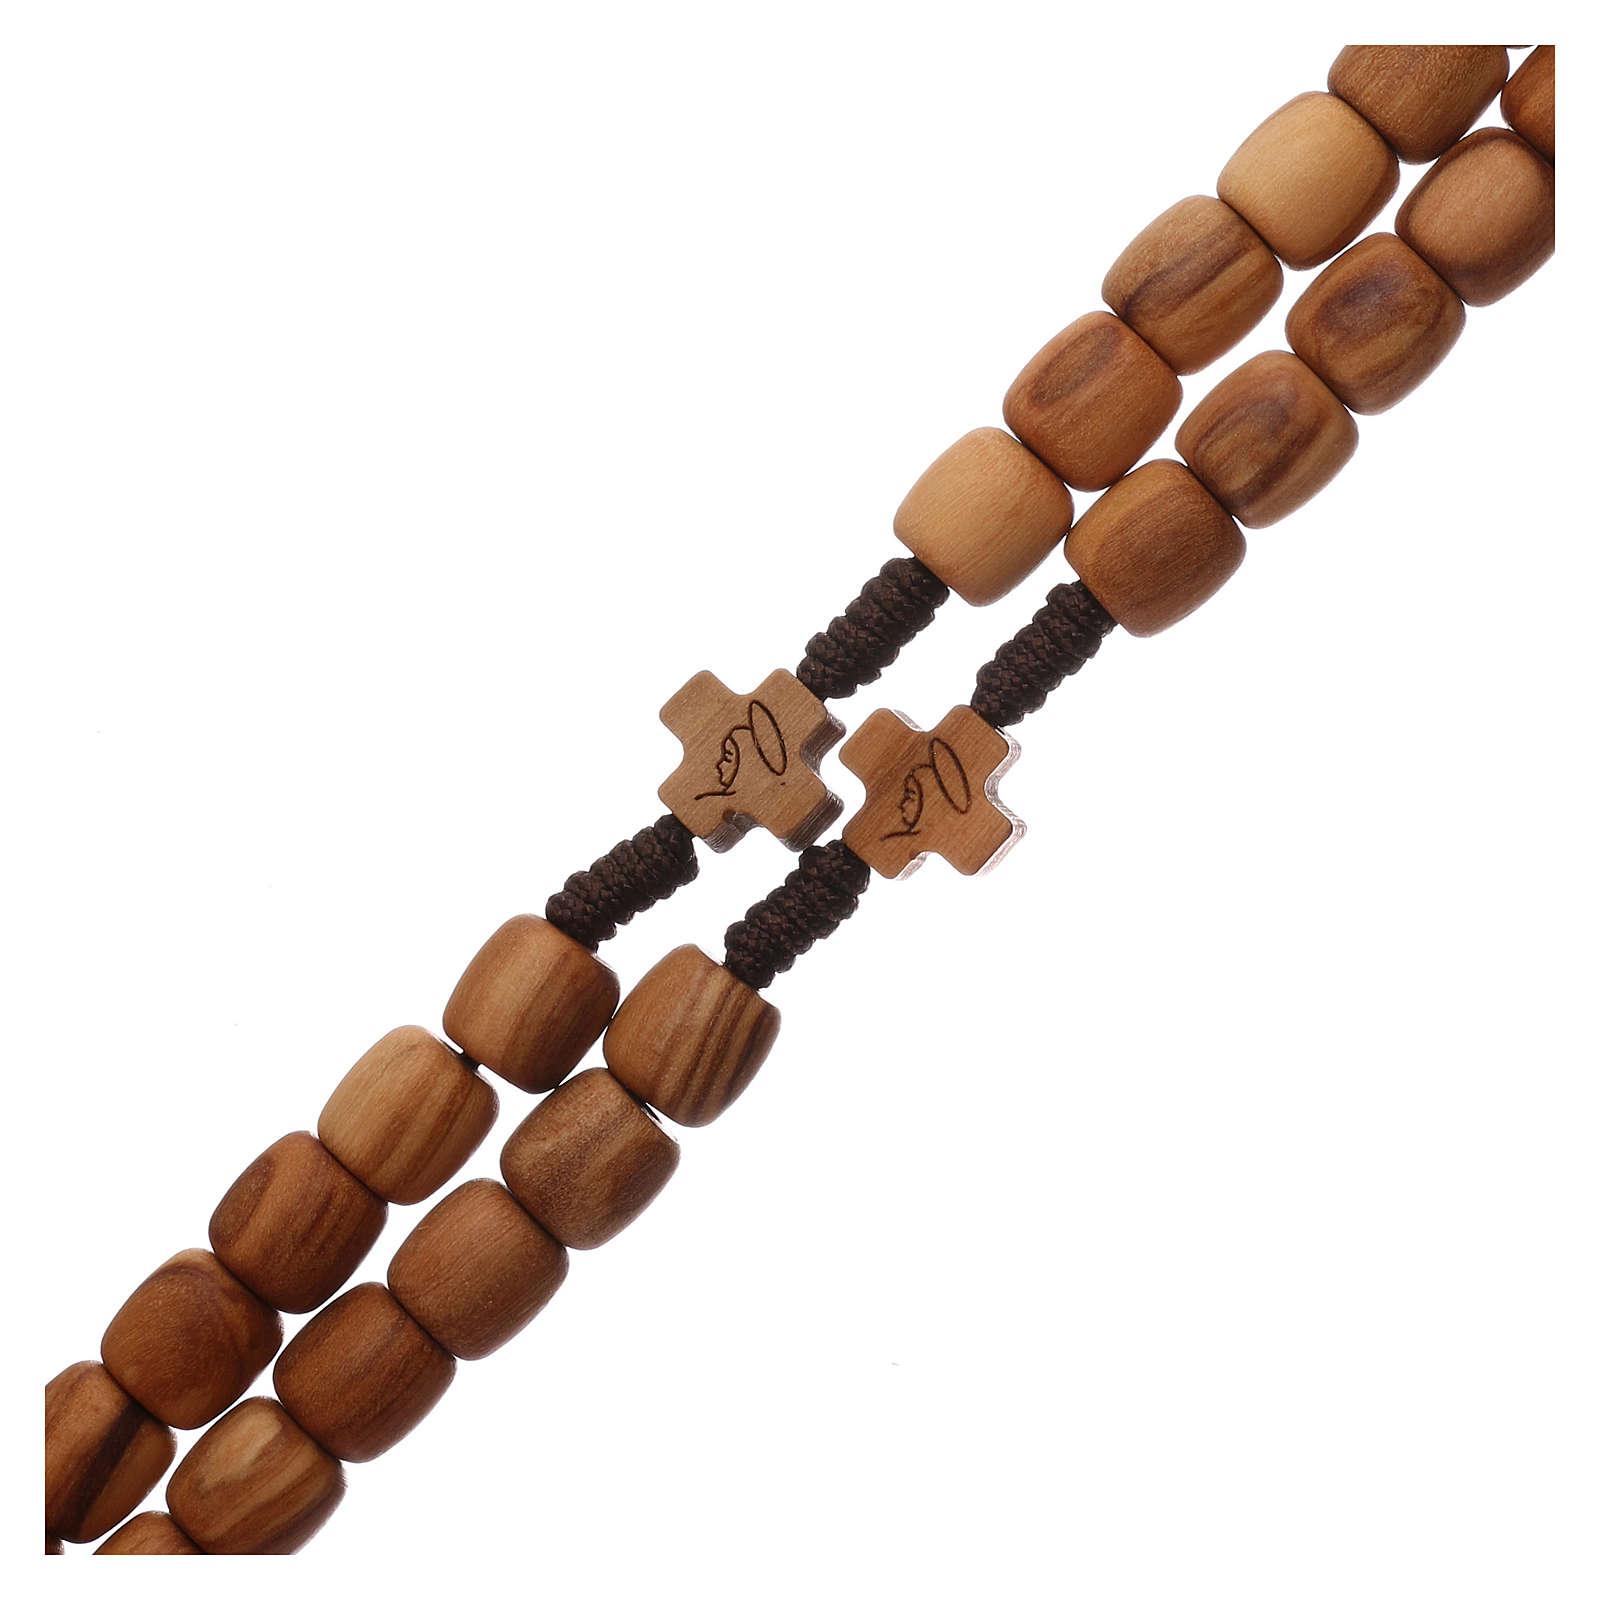 Różaniec Medjugorje koraliki drewno oliwne 7 mm sznurek brązowy 4